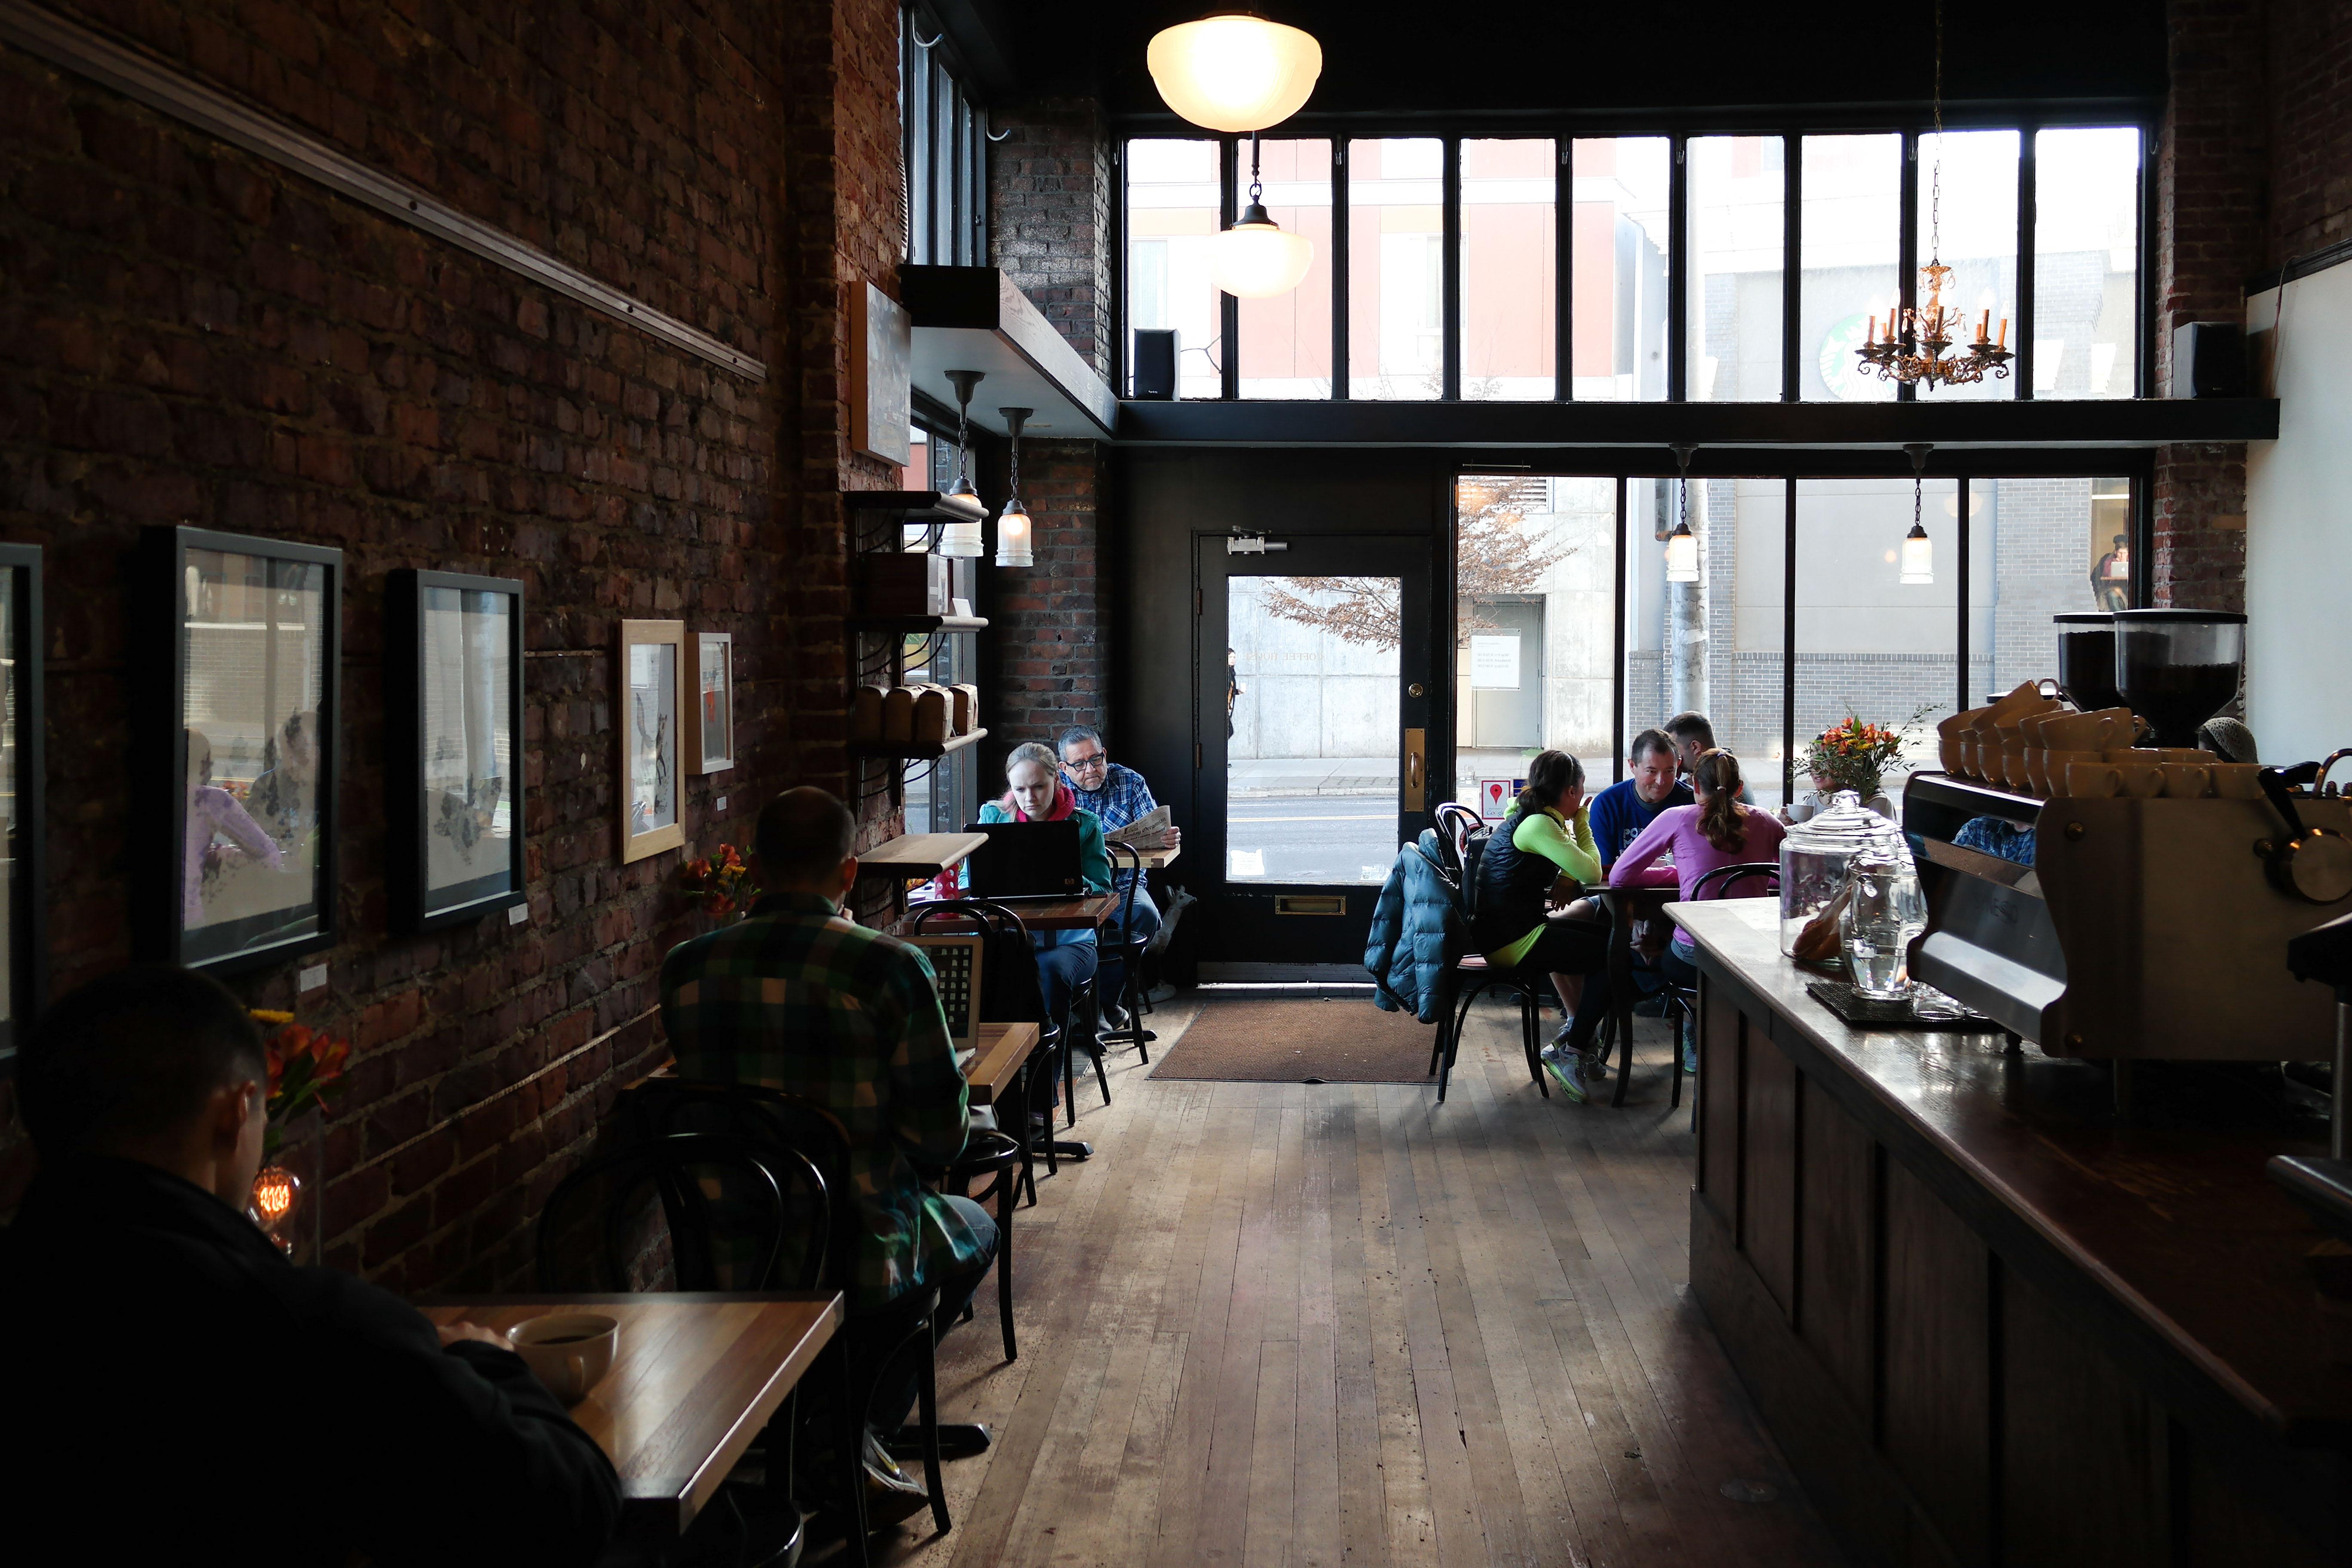 Old House Cafe Deland Fl Hours